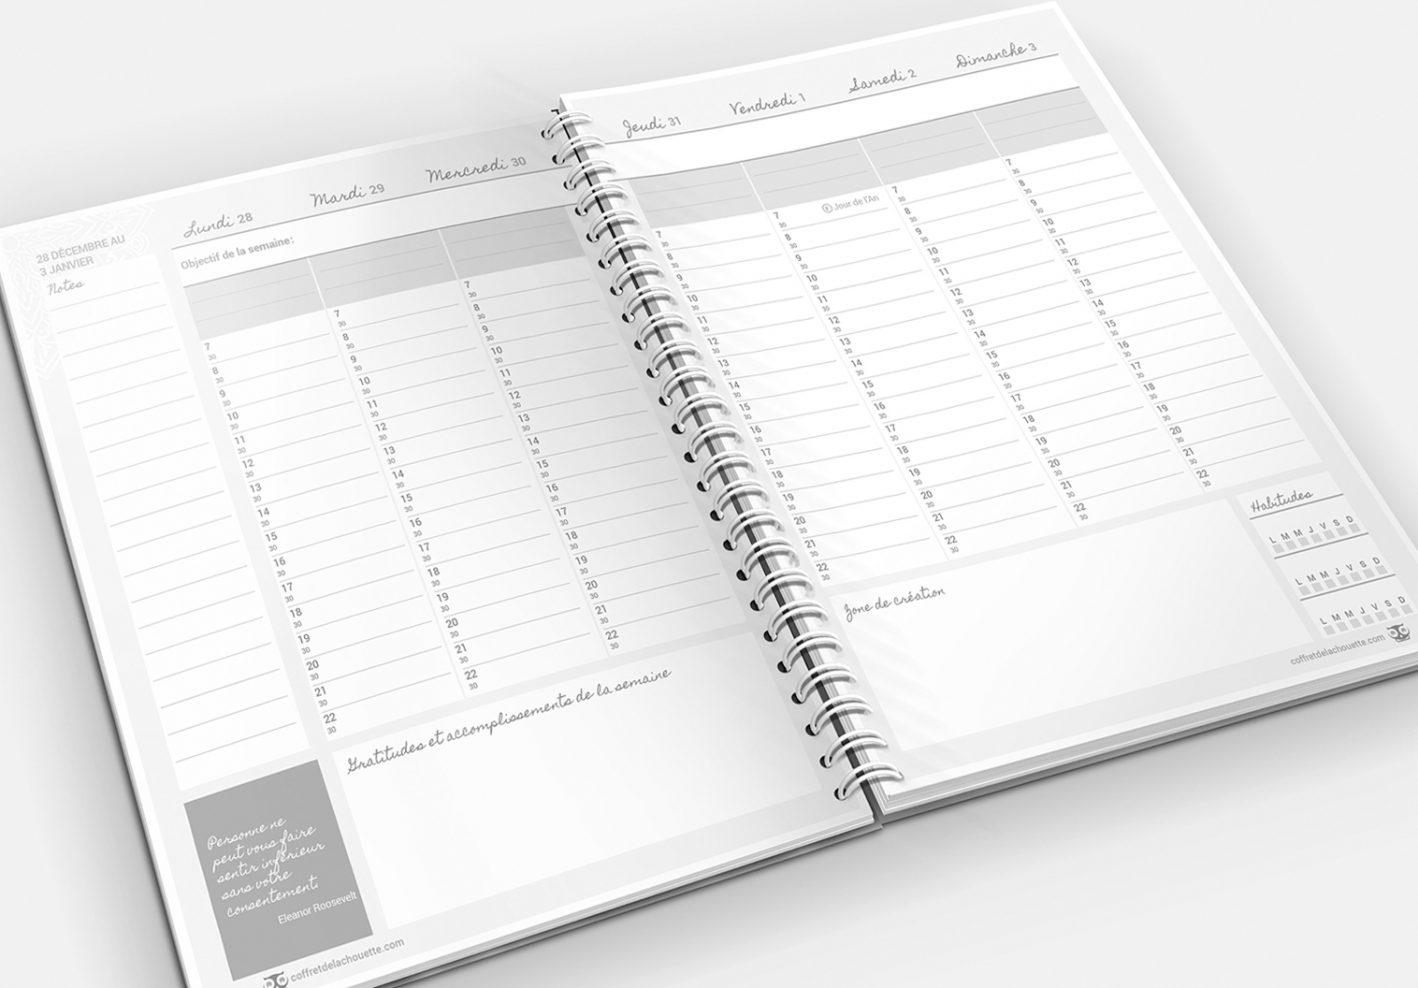 L'agenda de la Chouette organisée, version traditionnelle en noir et blanc